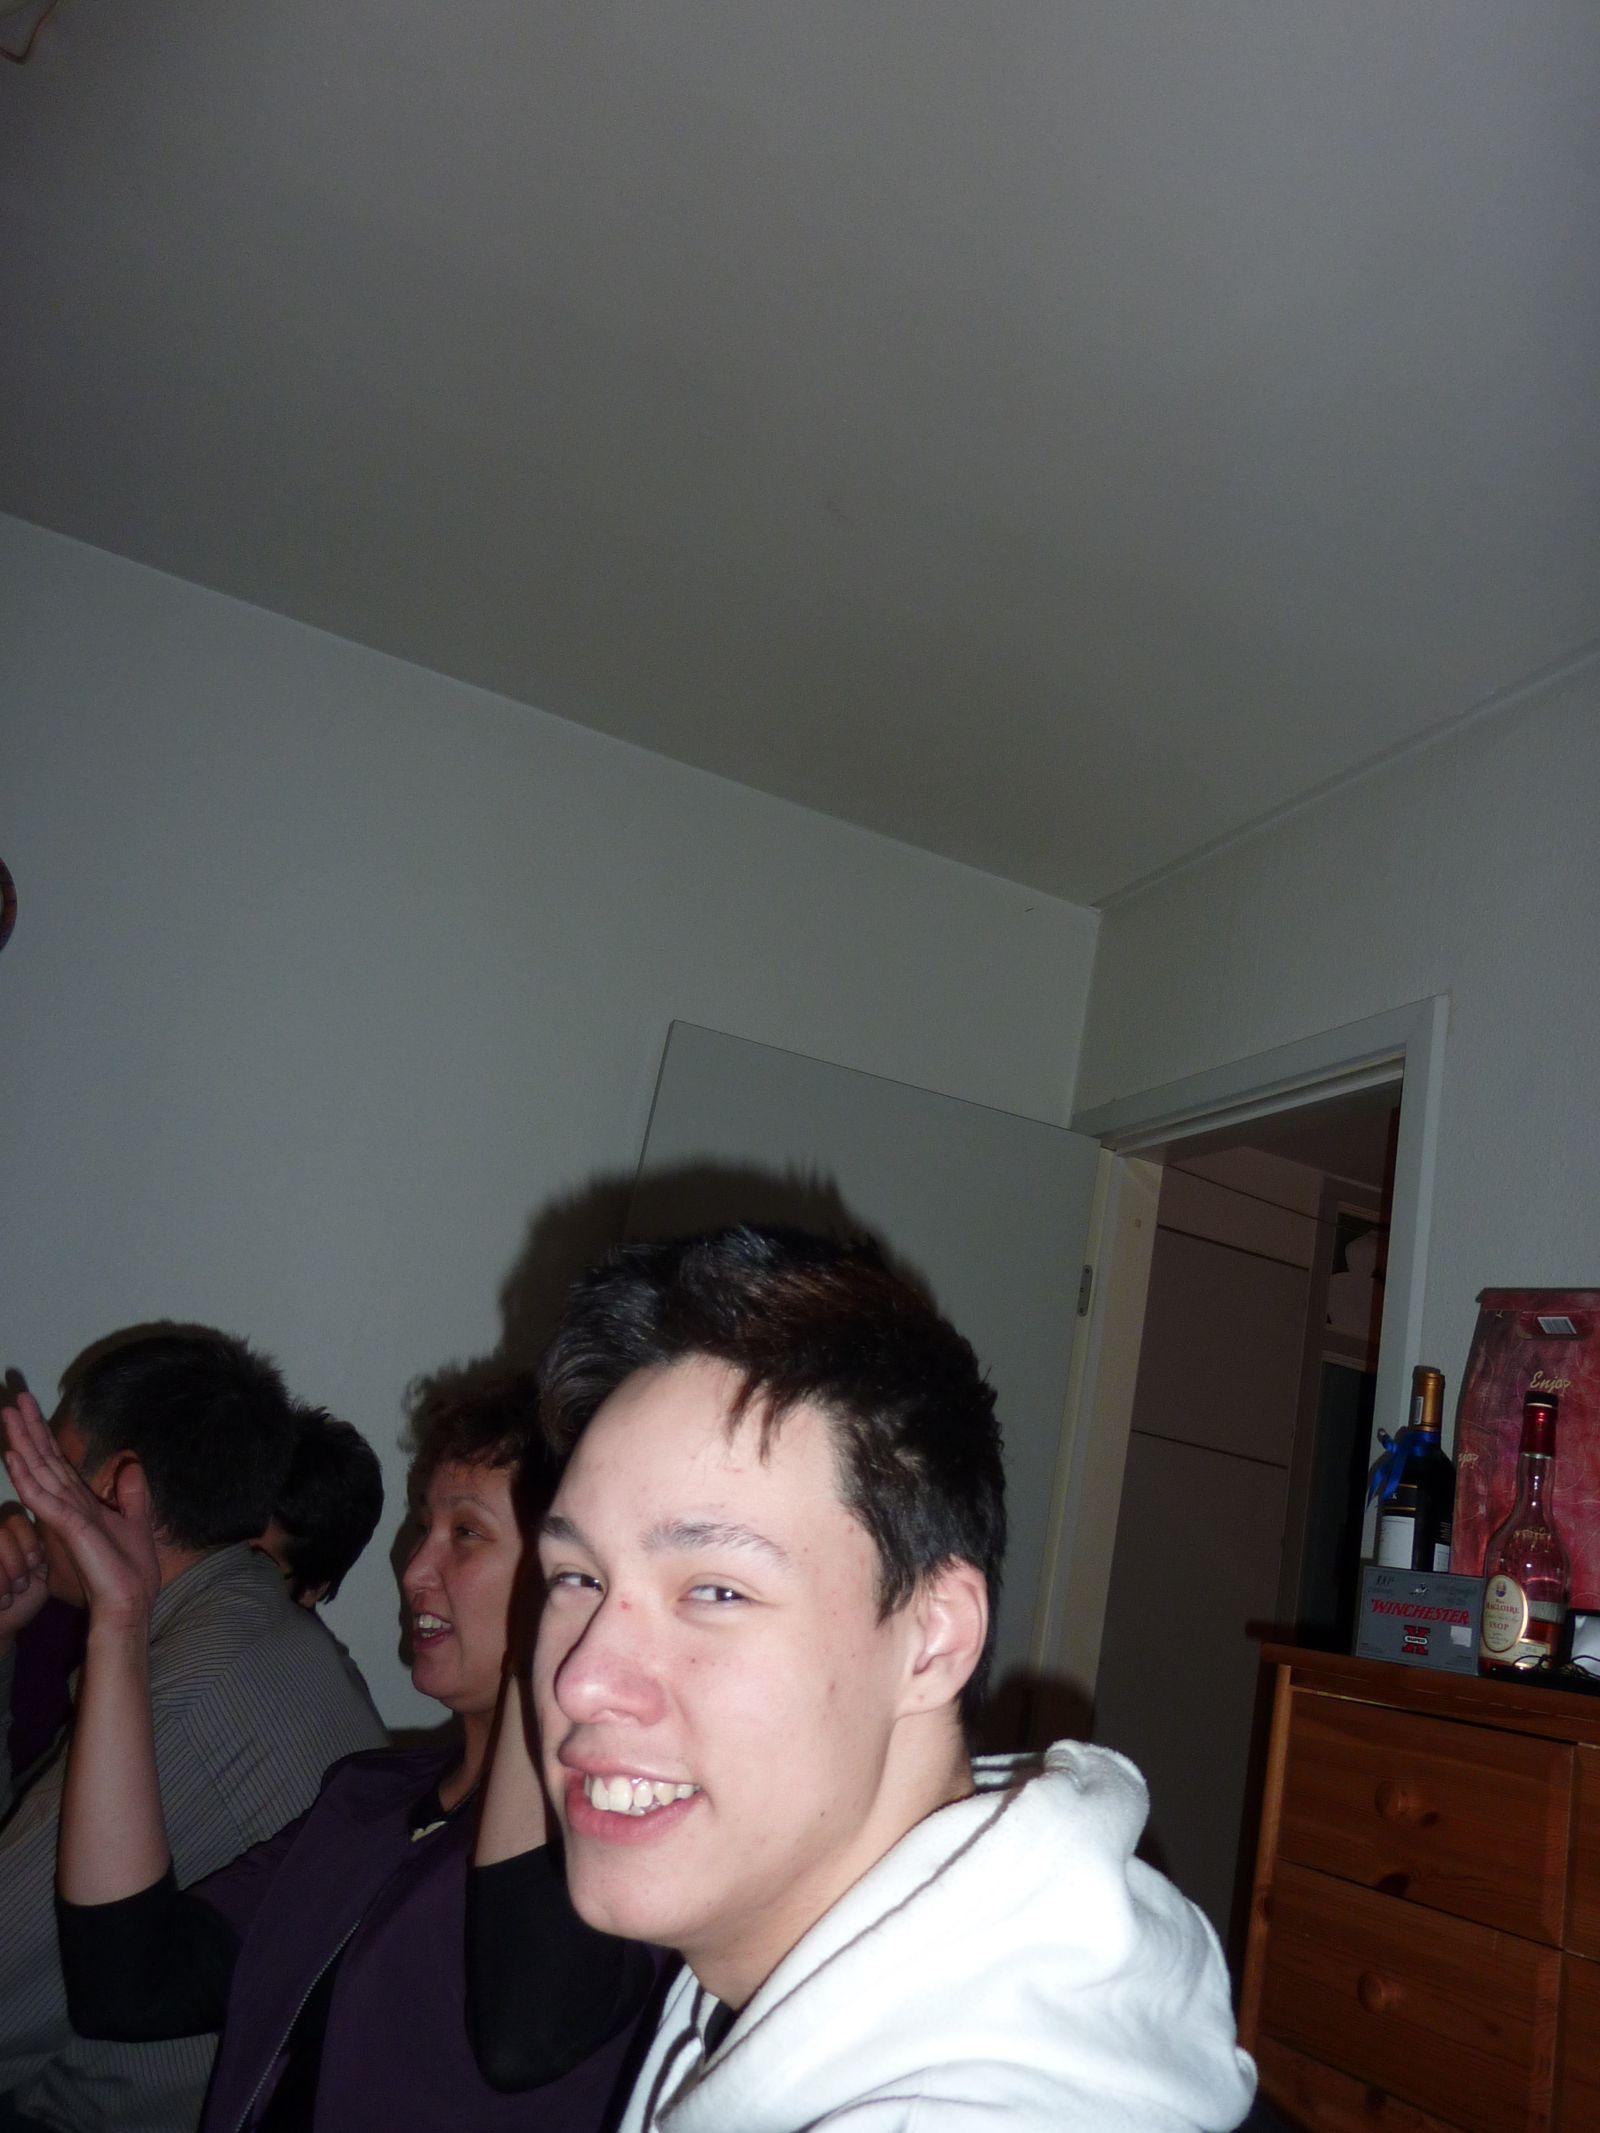 2010-03-14-0133_-_Hygge